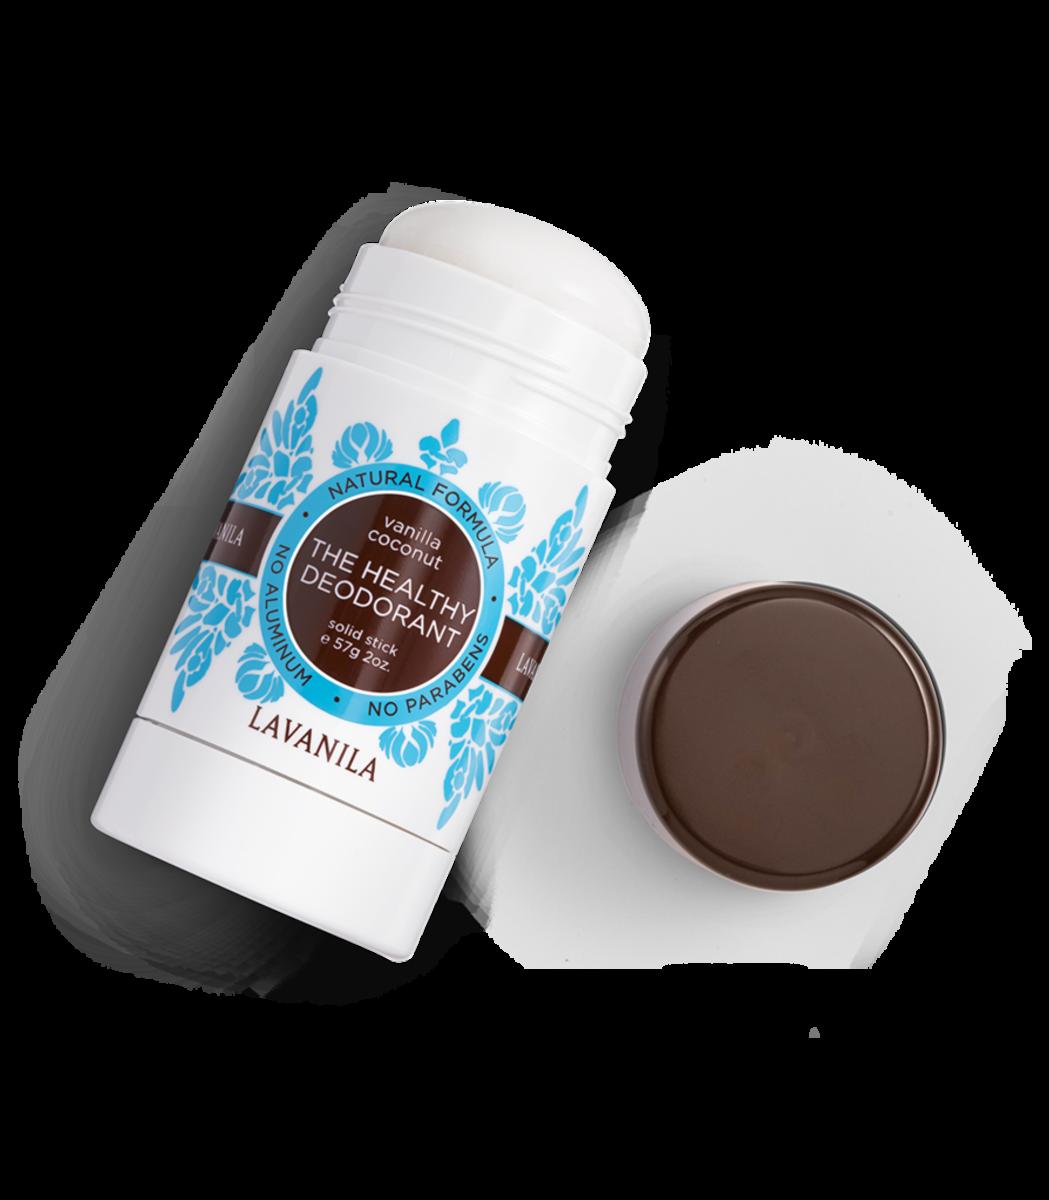 Lavanila Coconut Vanila Deodorant